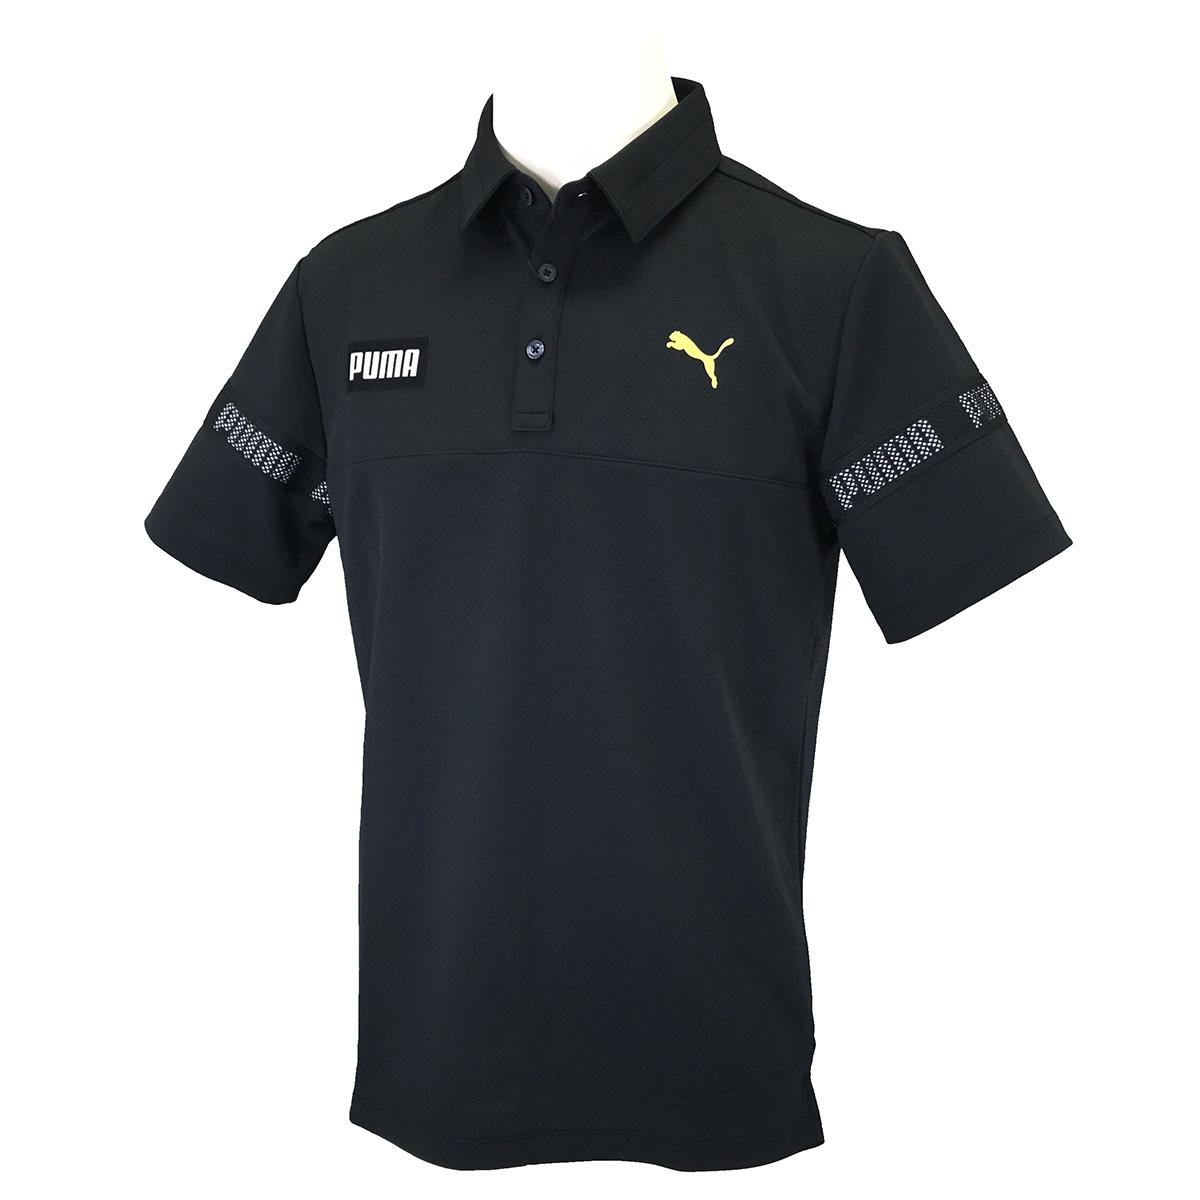 カラーブロック 半袖ポロシャツ